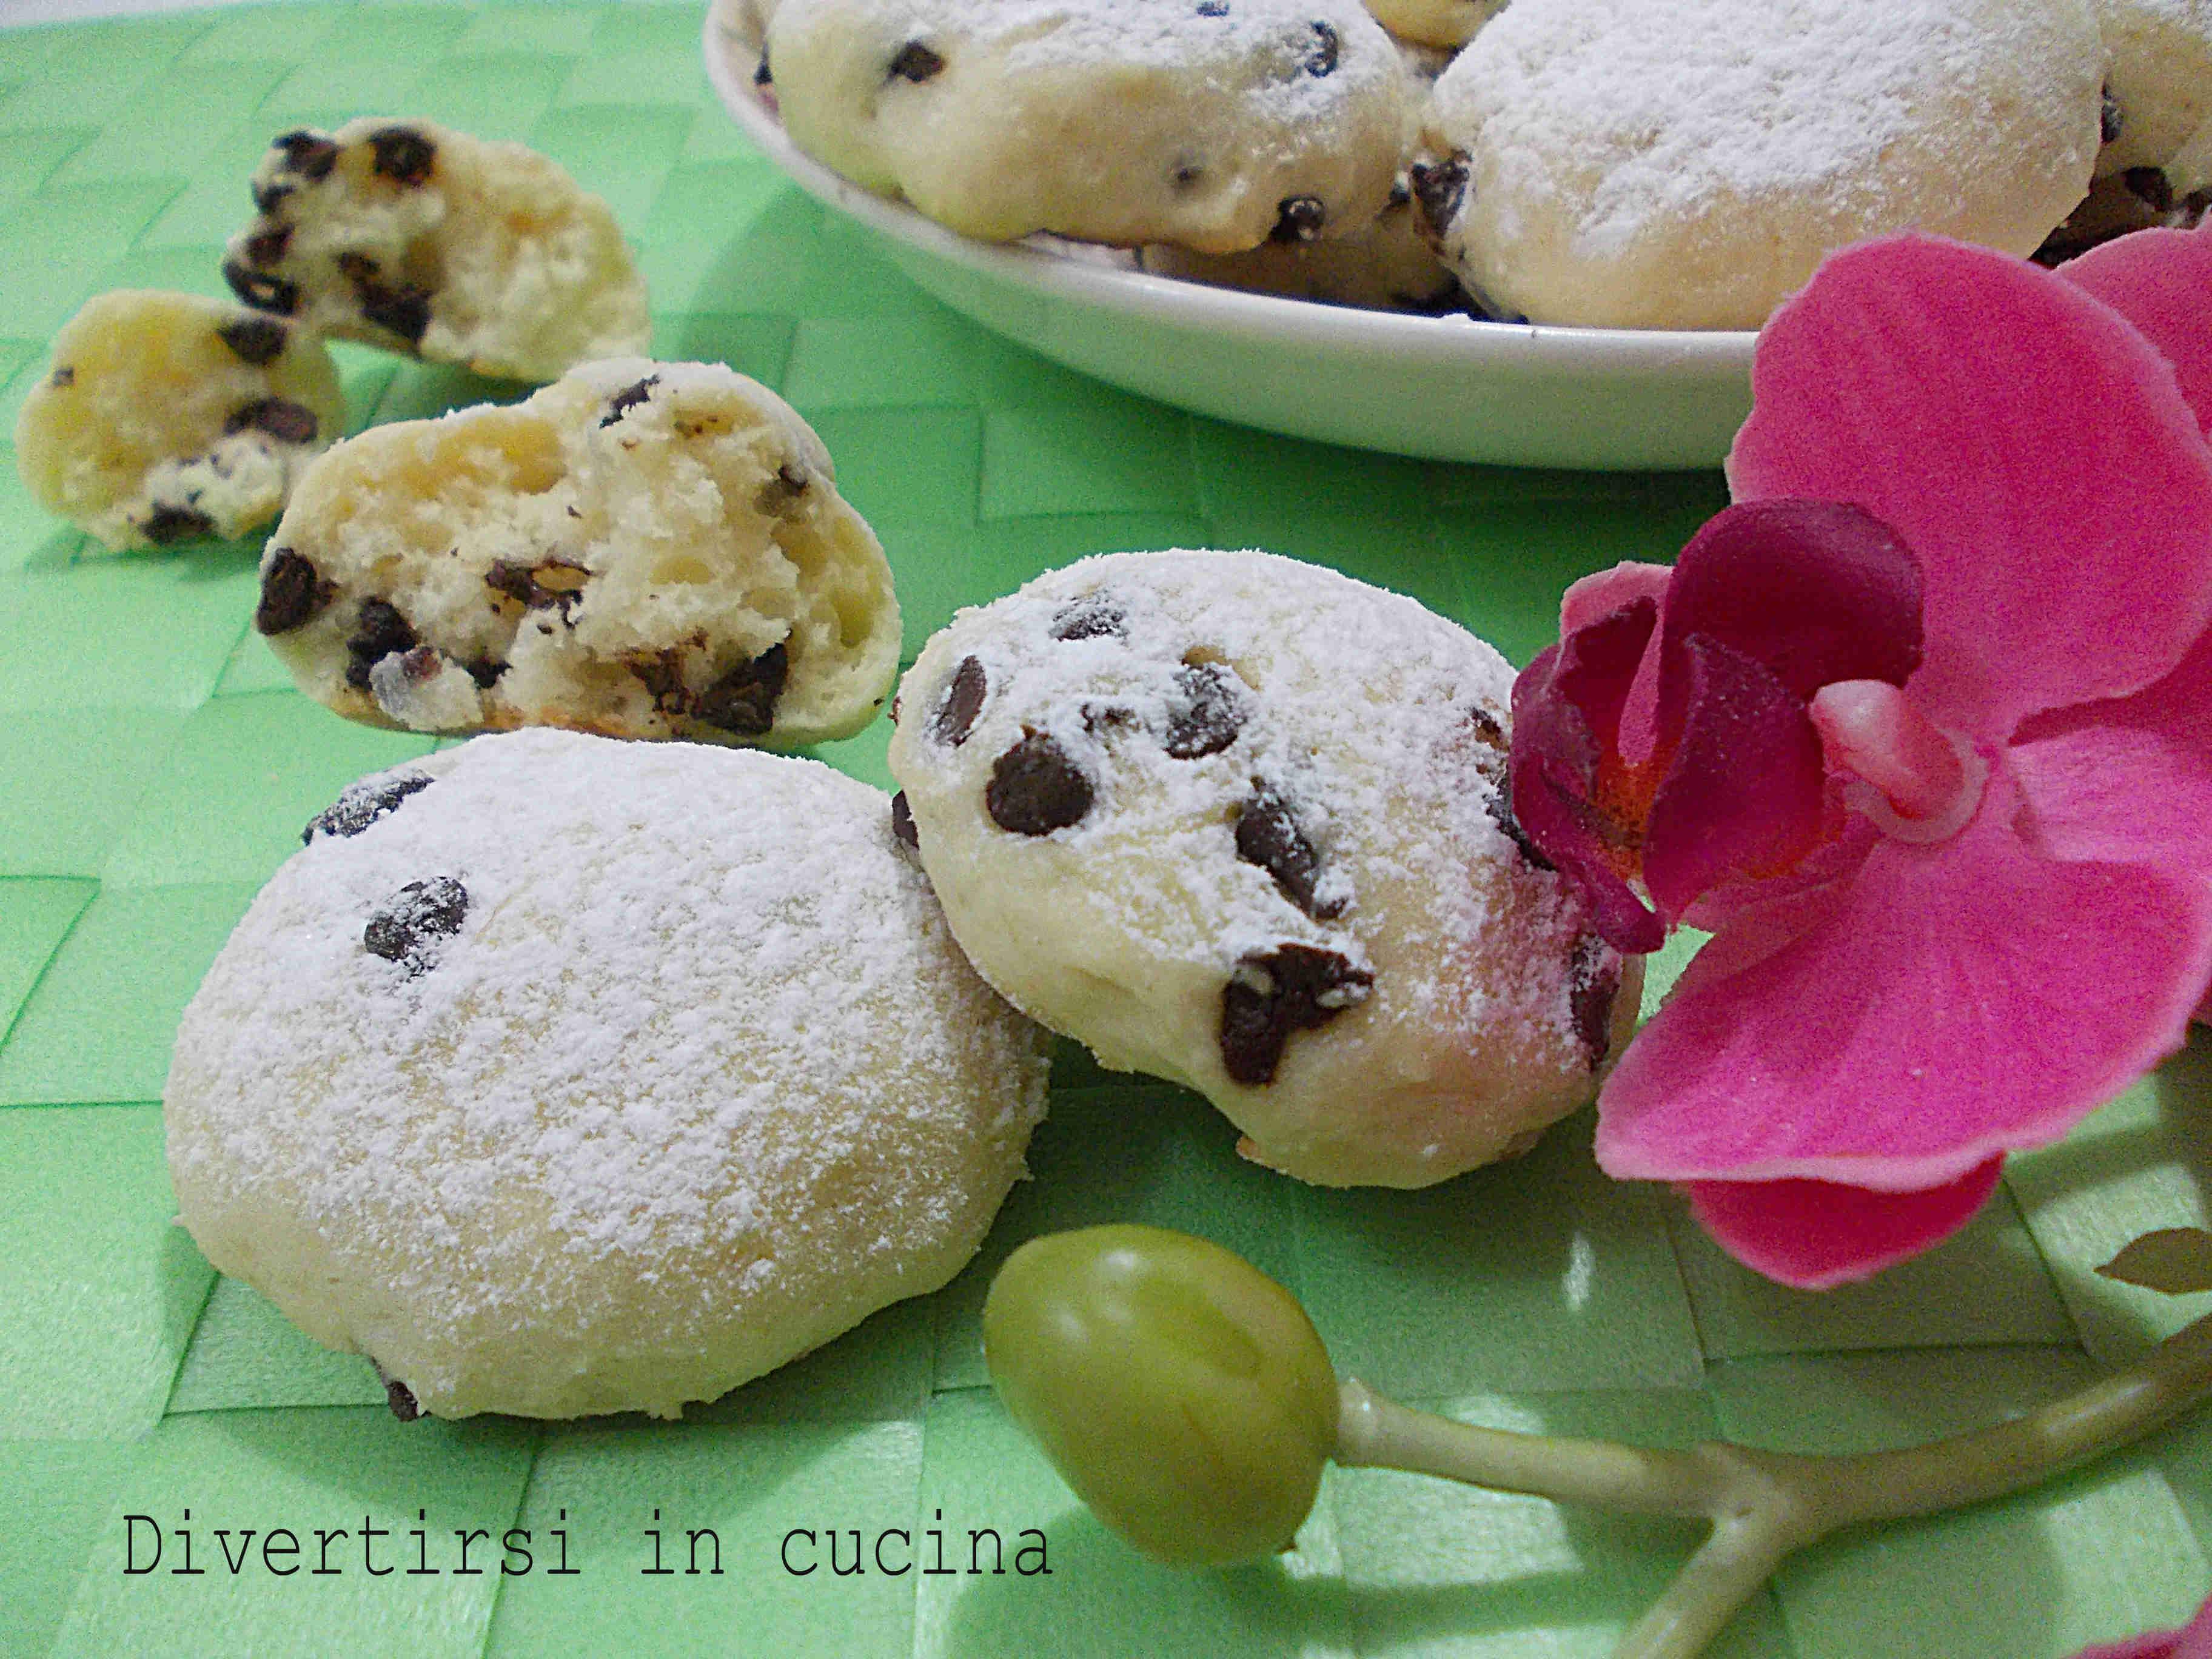 Ricetta biscotti di ricotta e gocce di cioccolato Divertirsi in cucina